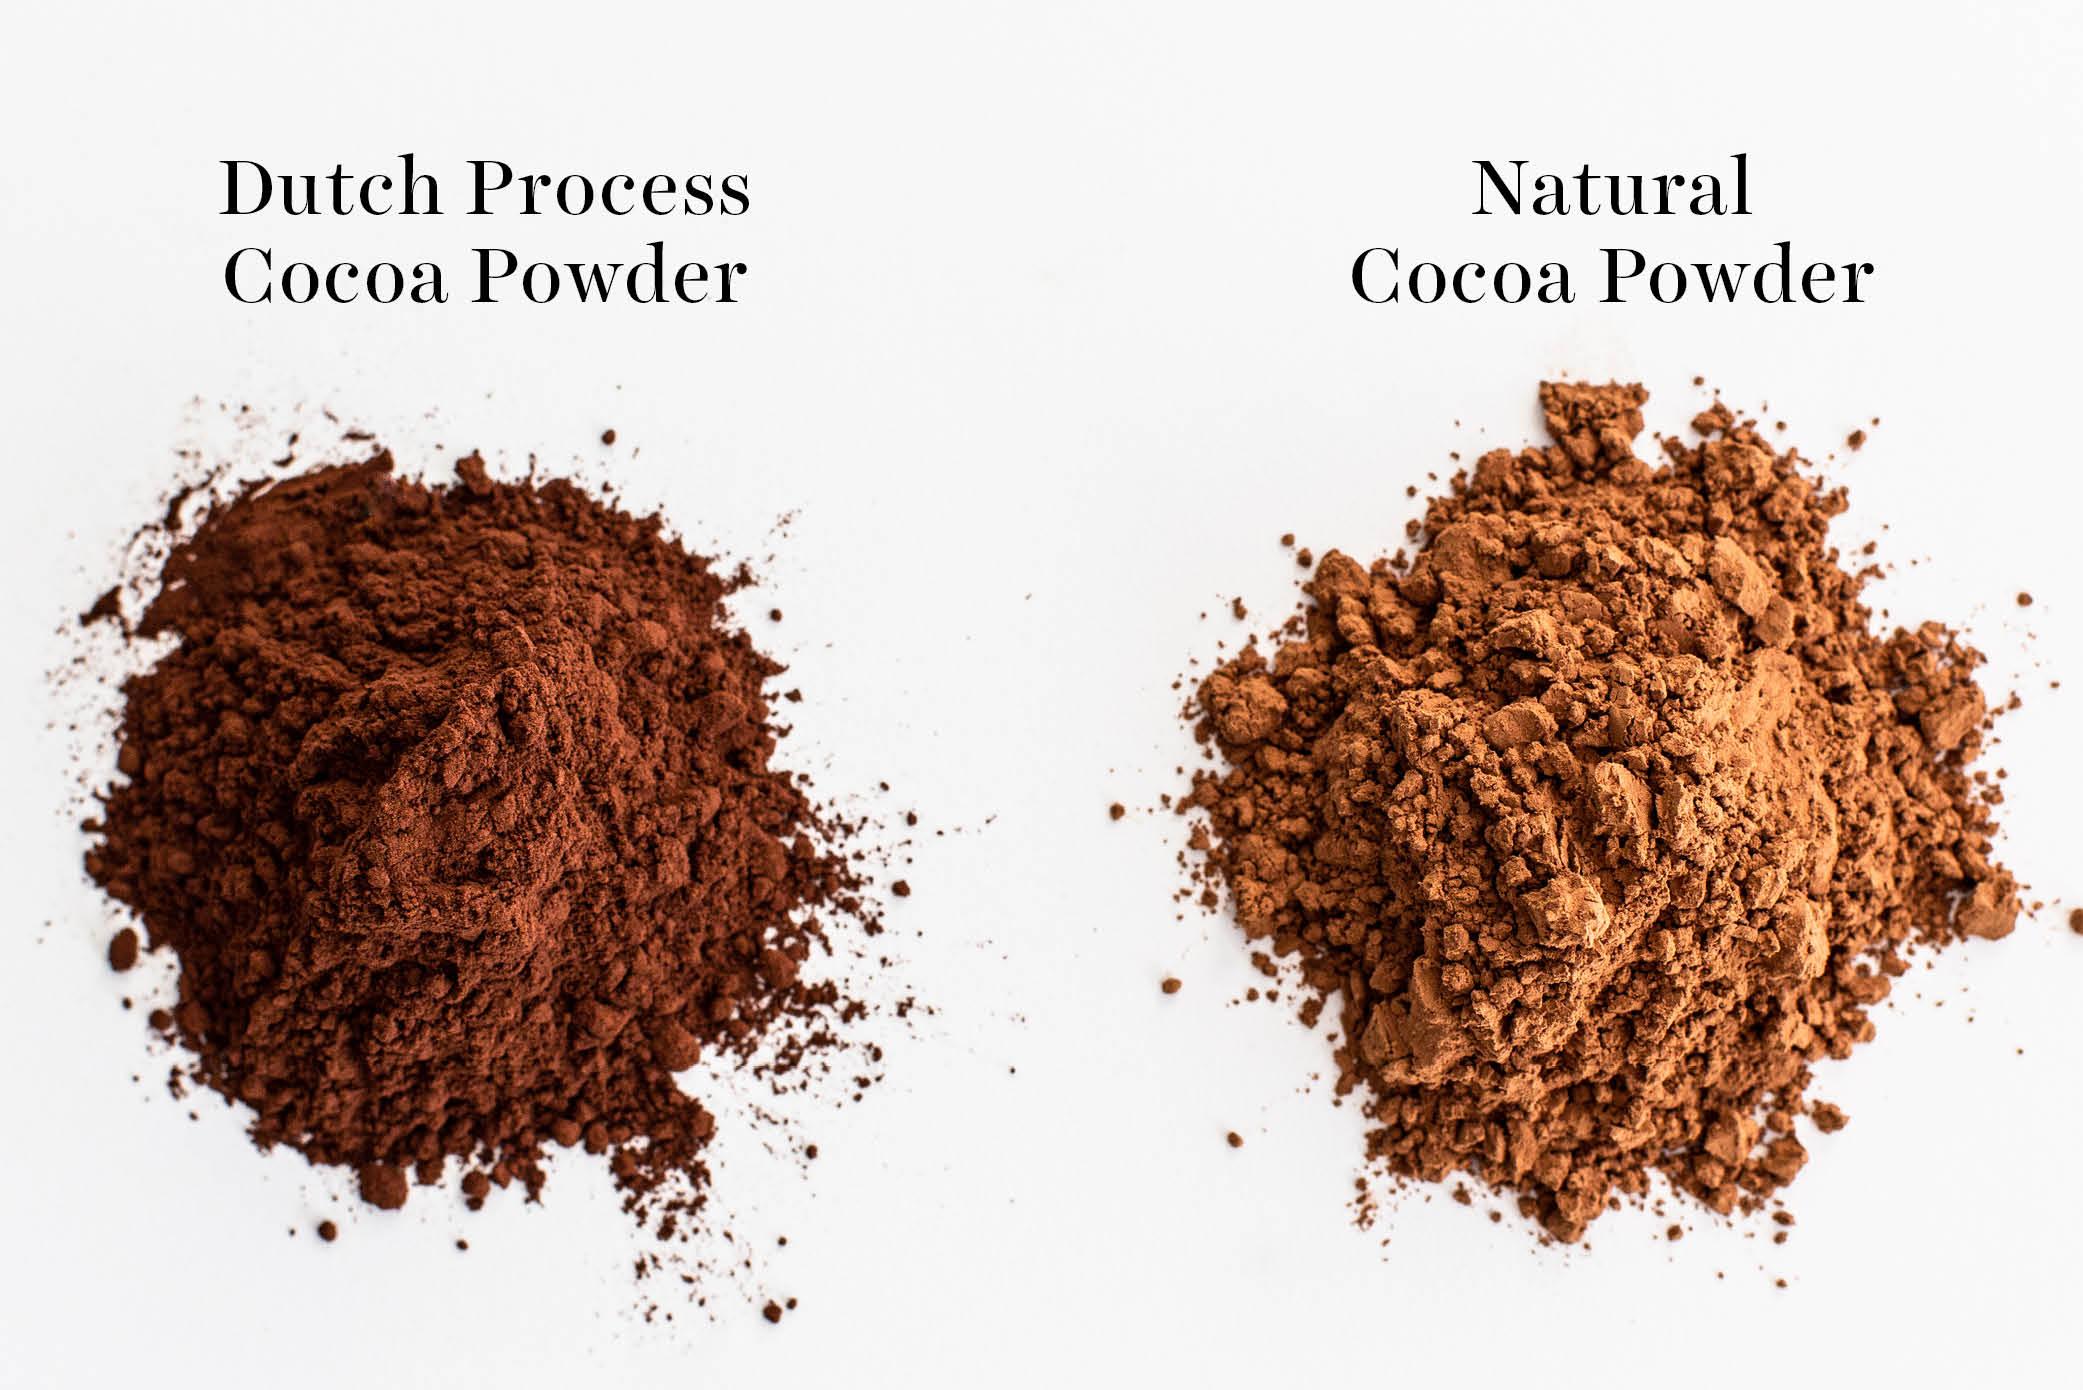 فروش پودر کاکائو فله در مدل های مختلف